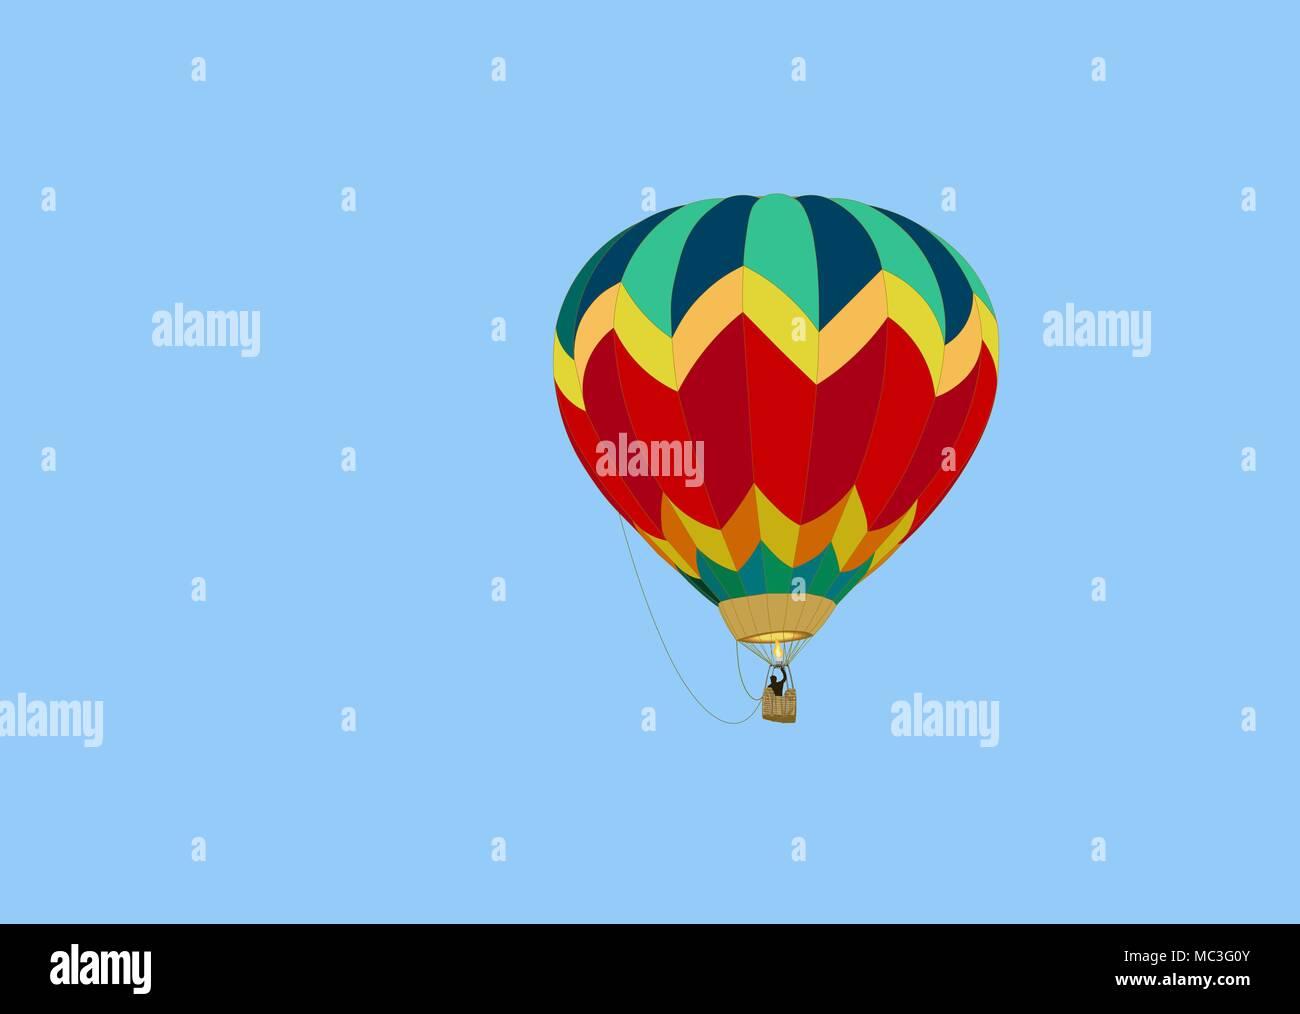 Ballons colorés avec un panier, une silhouette noire d'un homme et d'une flamme de feu d'un brûleur, plane dans un ciel bleu, un jour d'été Photo Stock